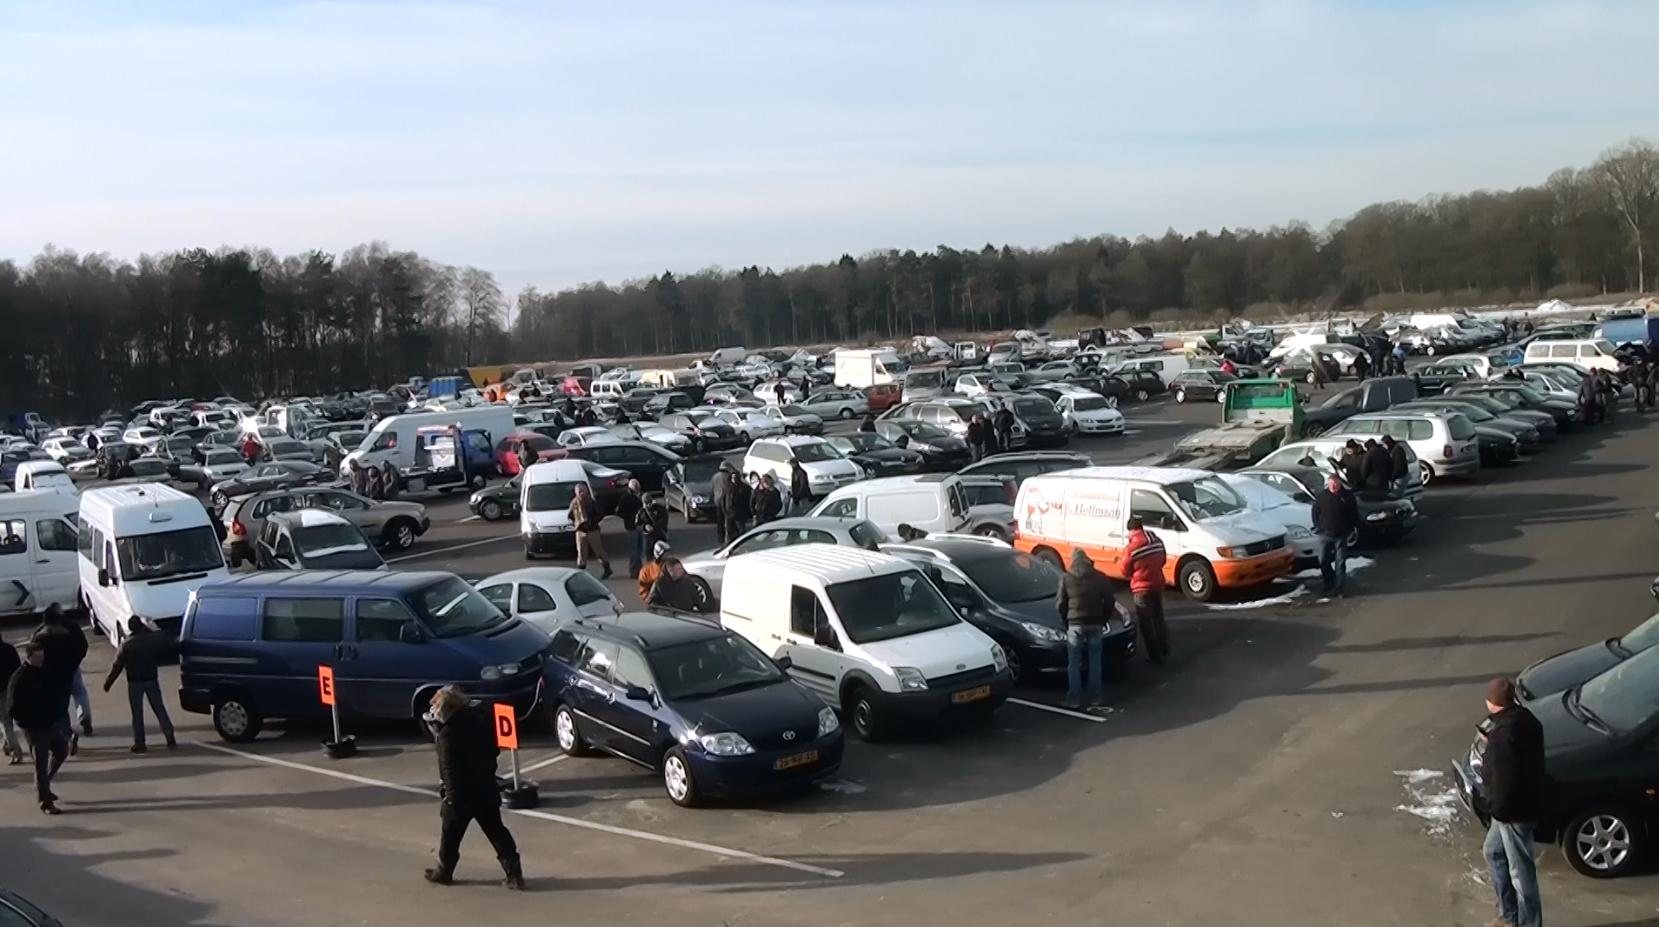 meer dan 1000 autos wekelijks